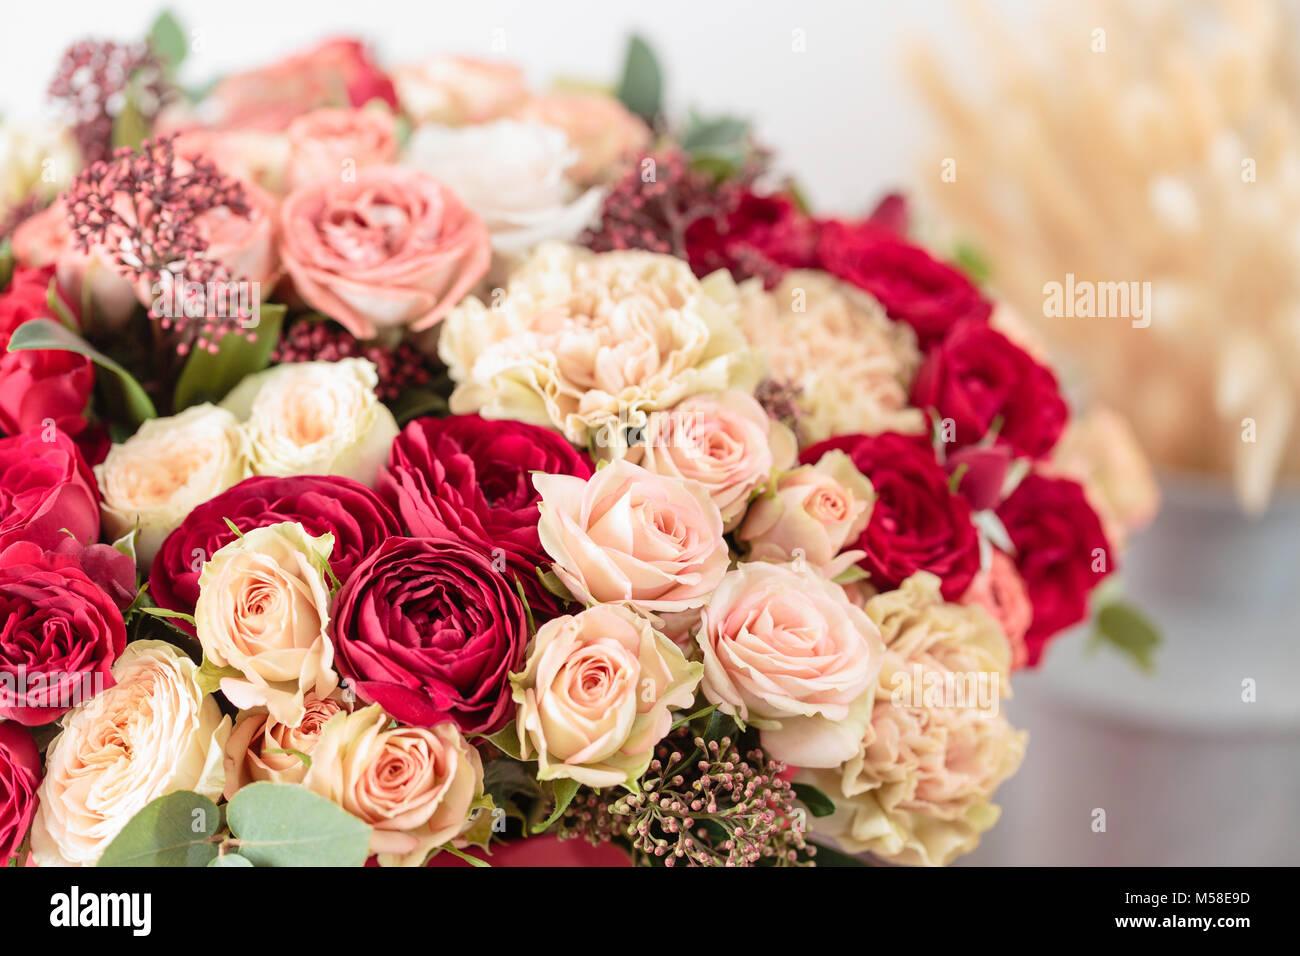 Luxe Magnifique Bouquet De Fleurs En Boite Rouge Le Travail De La